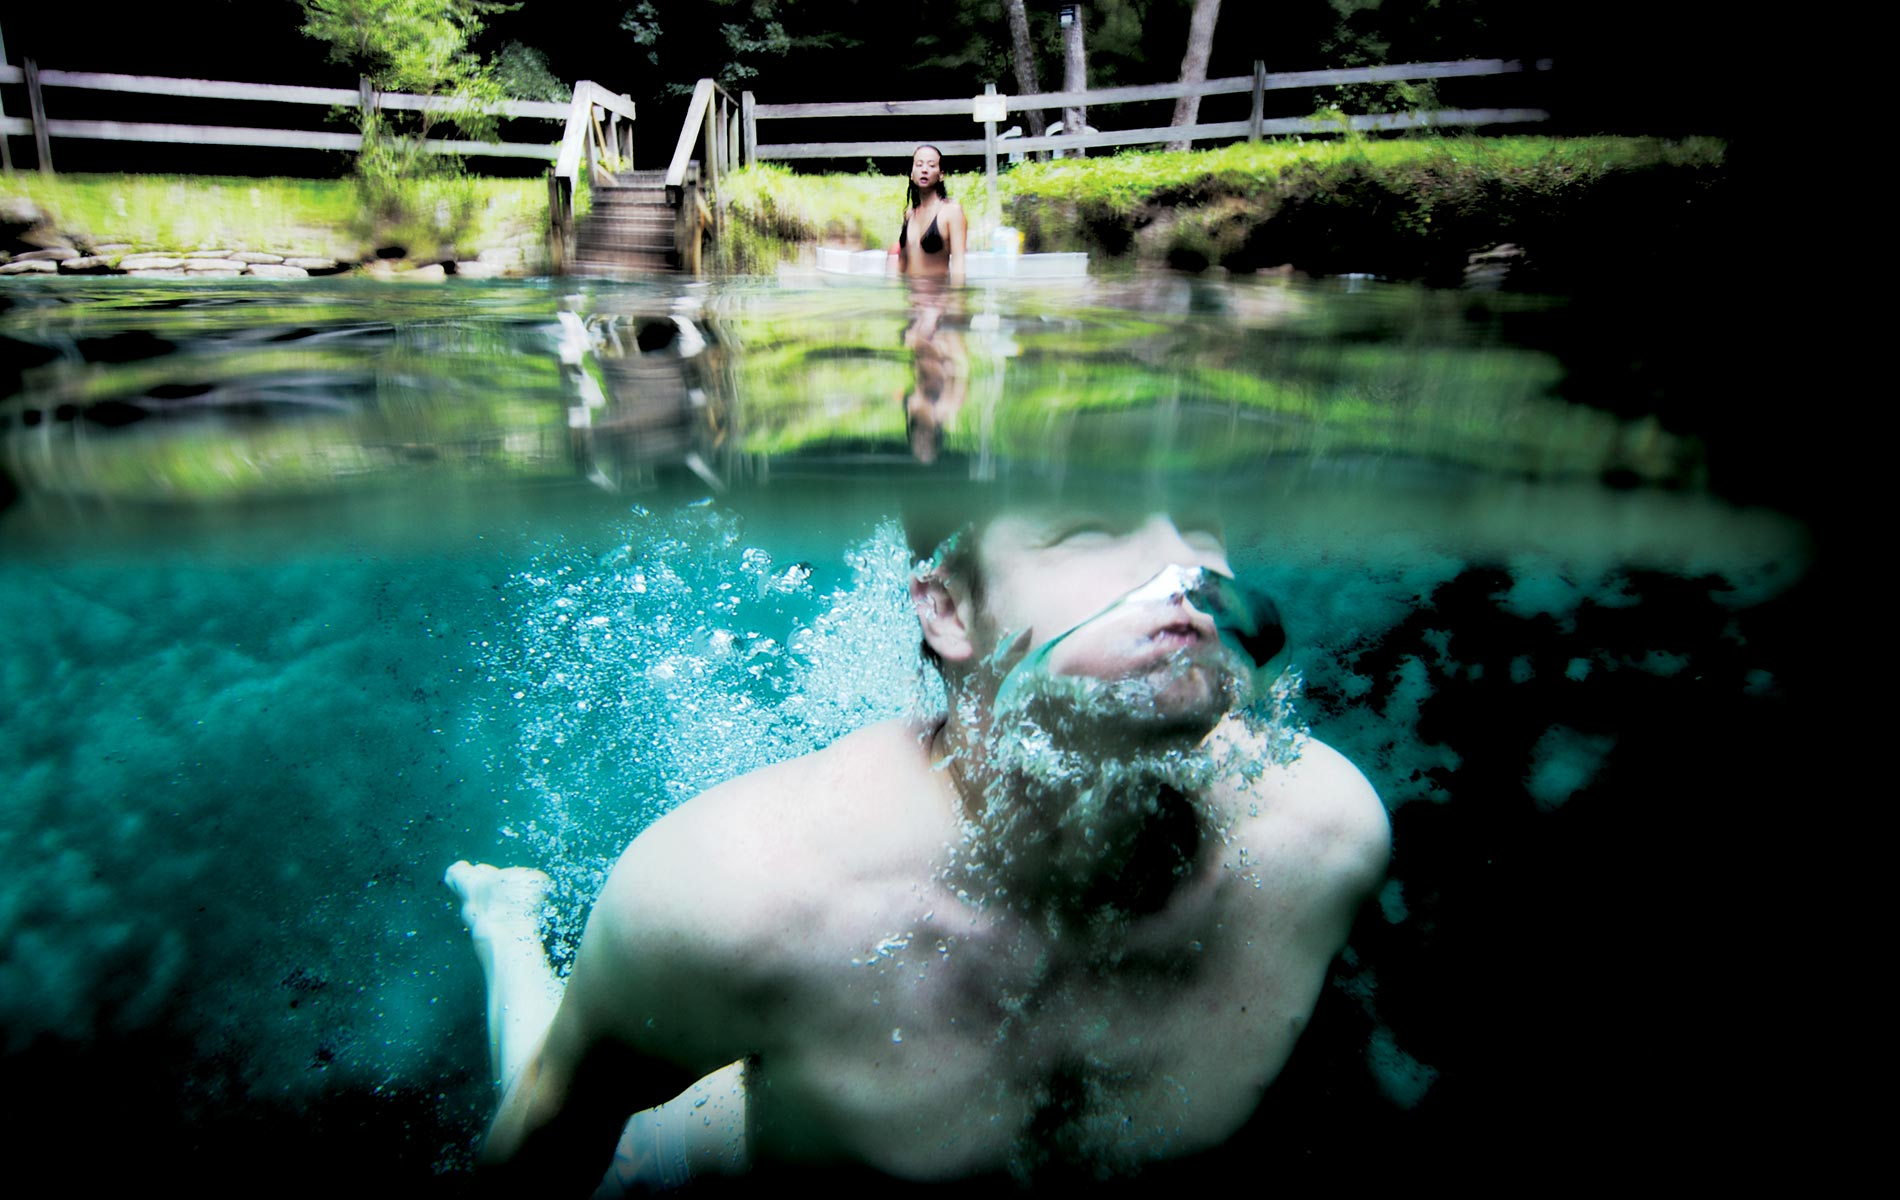 vie-magazine-hero-econfina-creek-2009